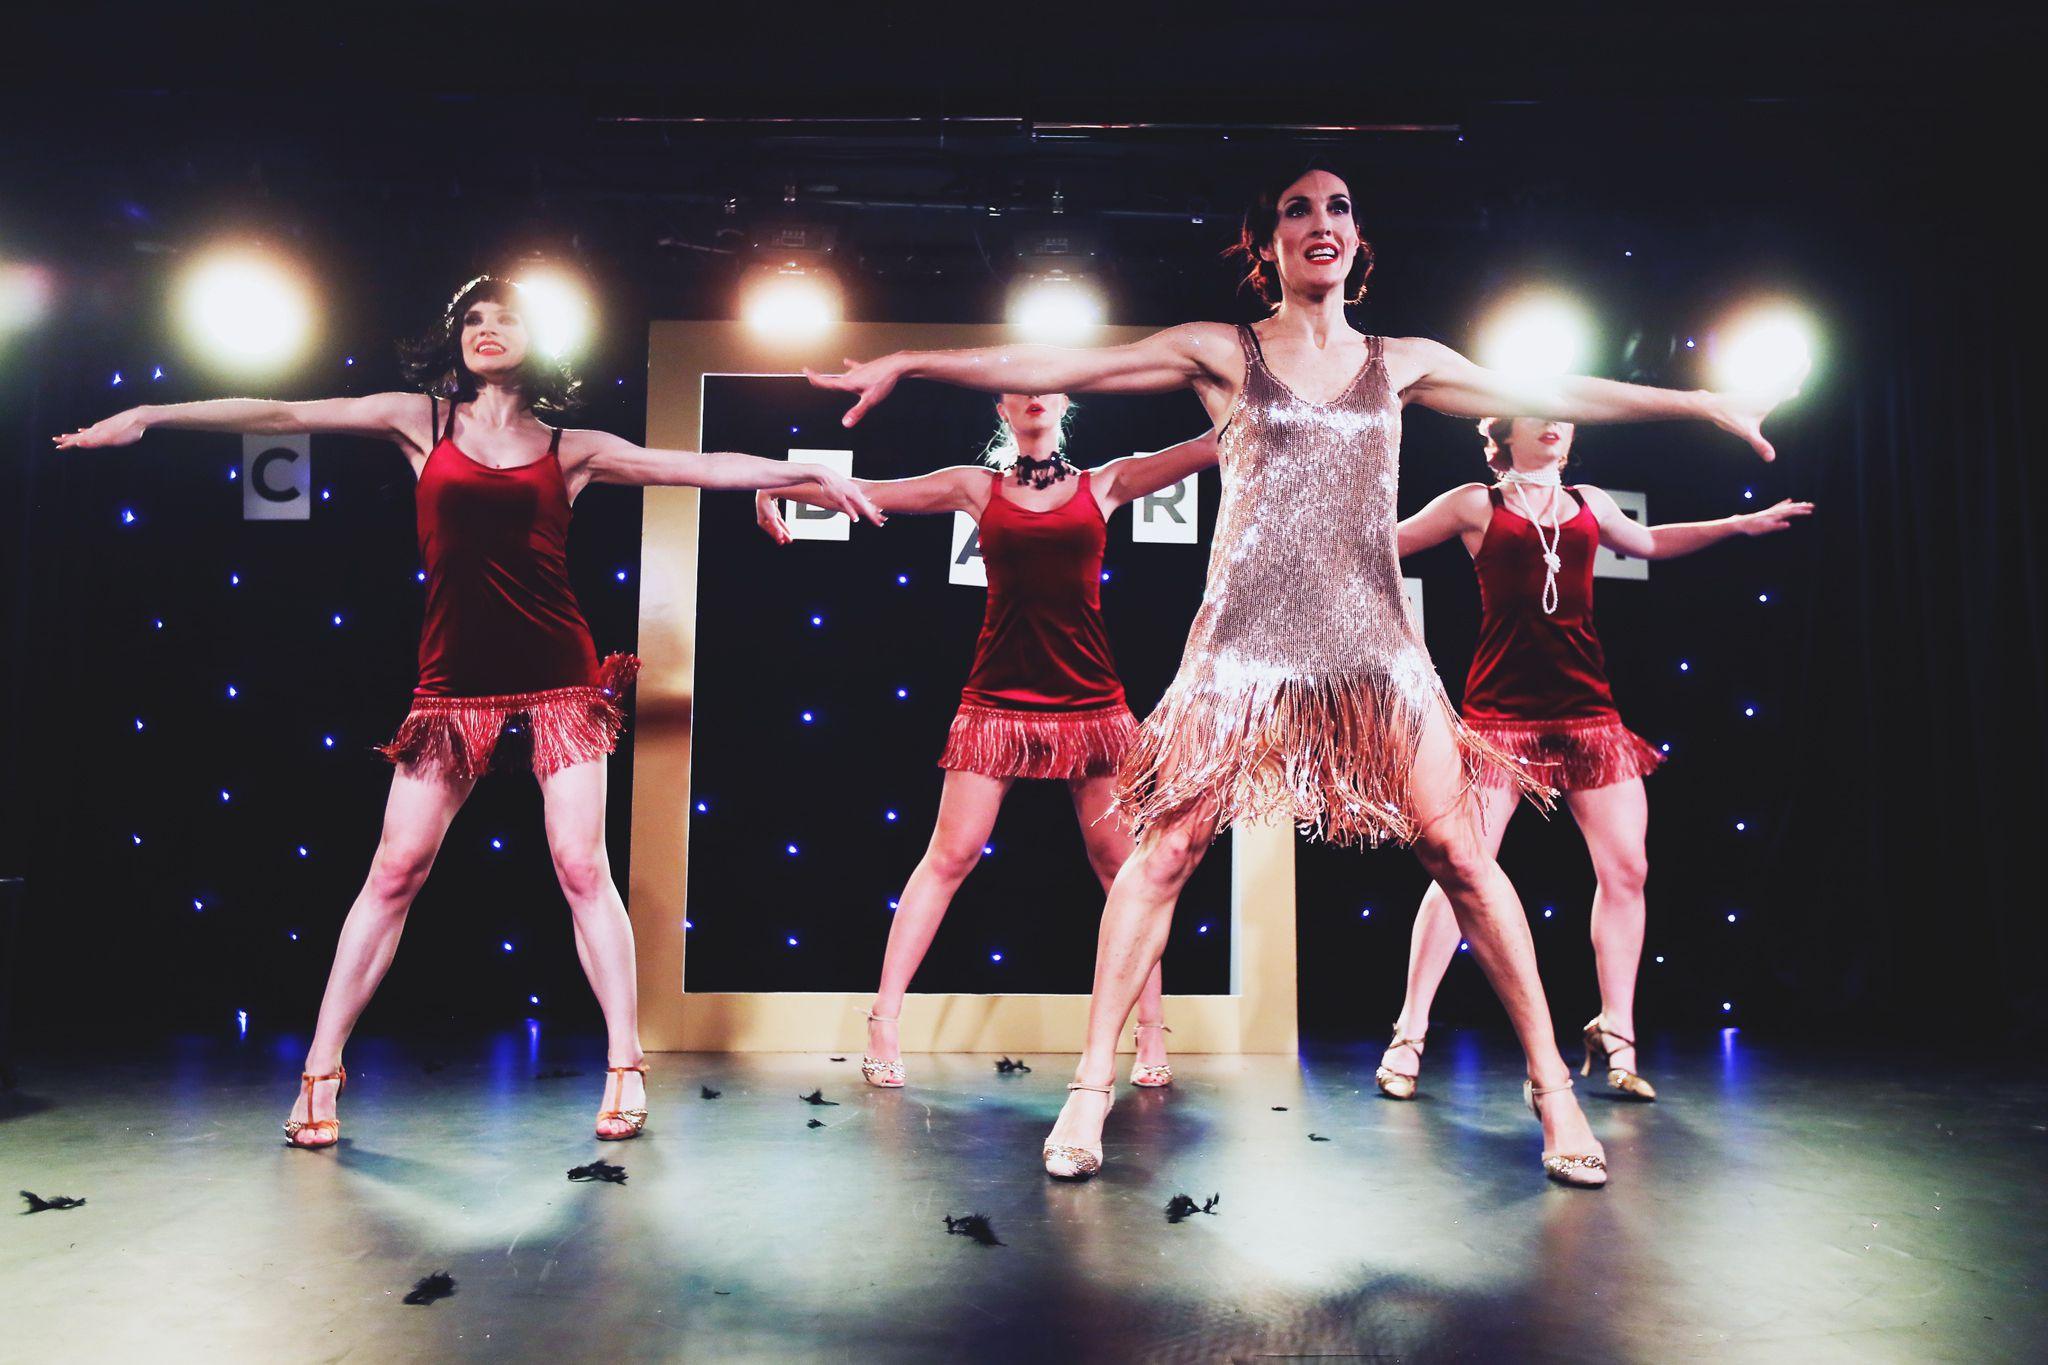 Larisa Lipovac u neviđenoj plesnoj izvedbi  predstavila novi cabaret